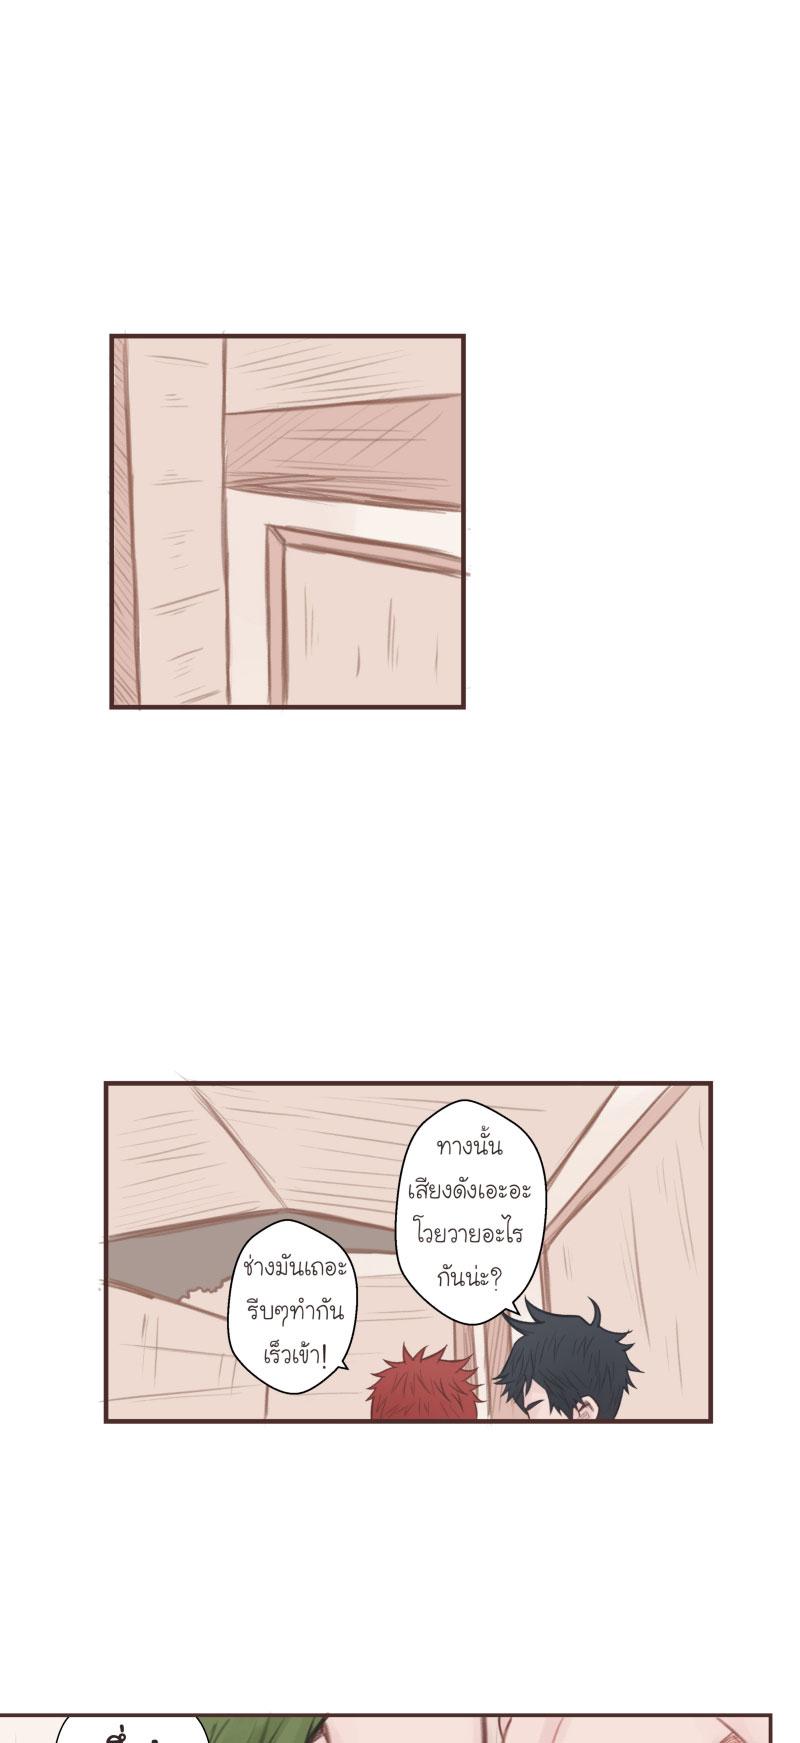 บทที่ 8 - อาบน้ำ